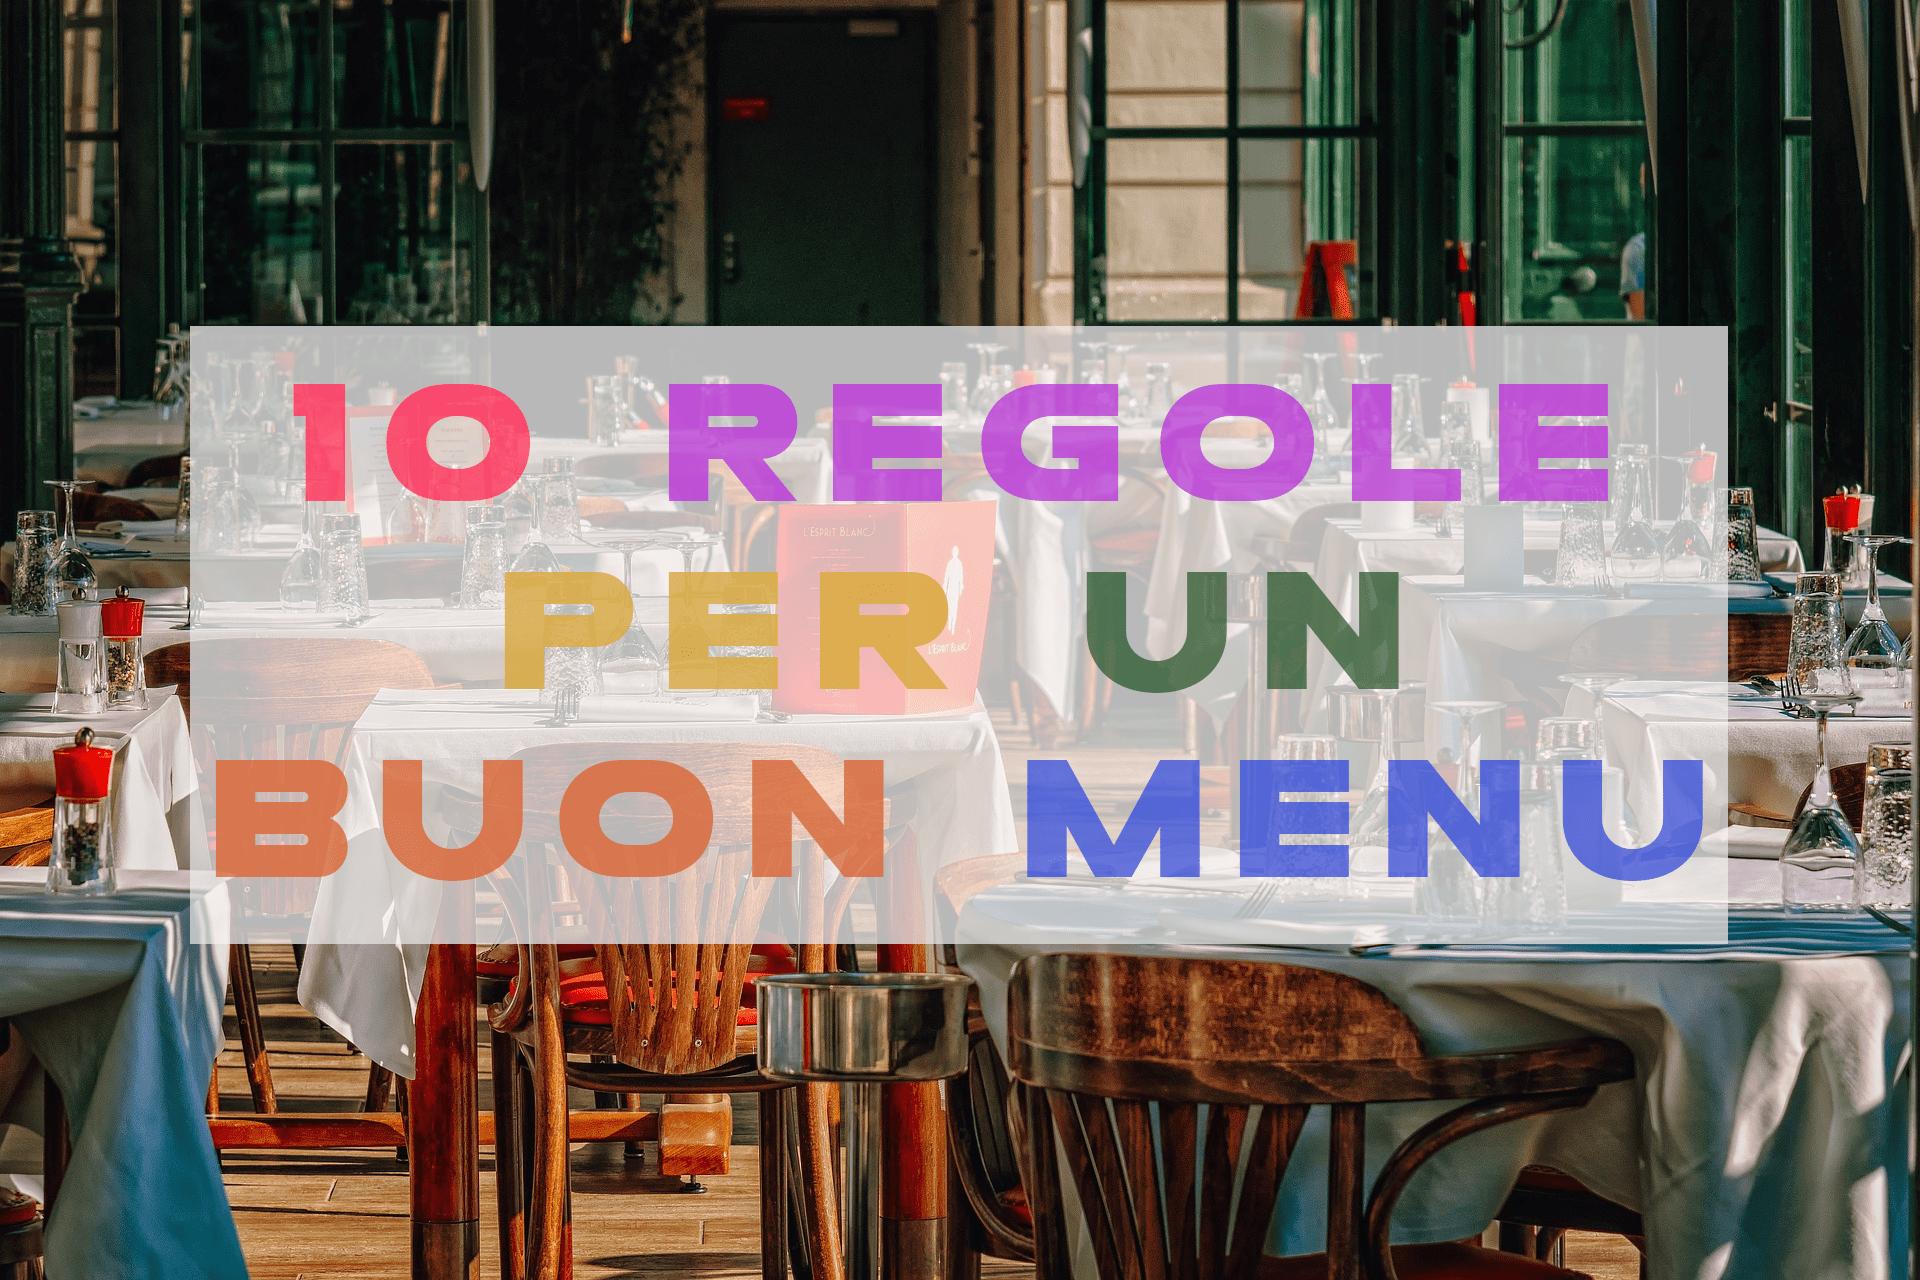 Ottimizzare il menu del ristorante scrivendolo correttamente